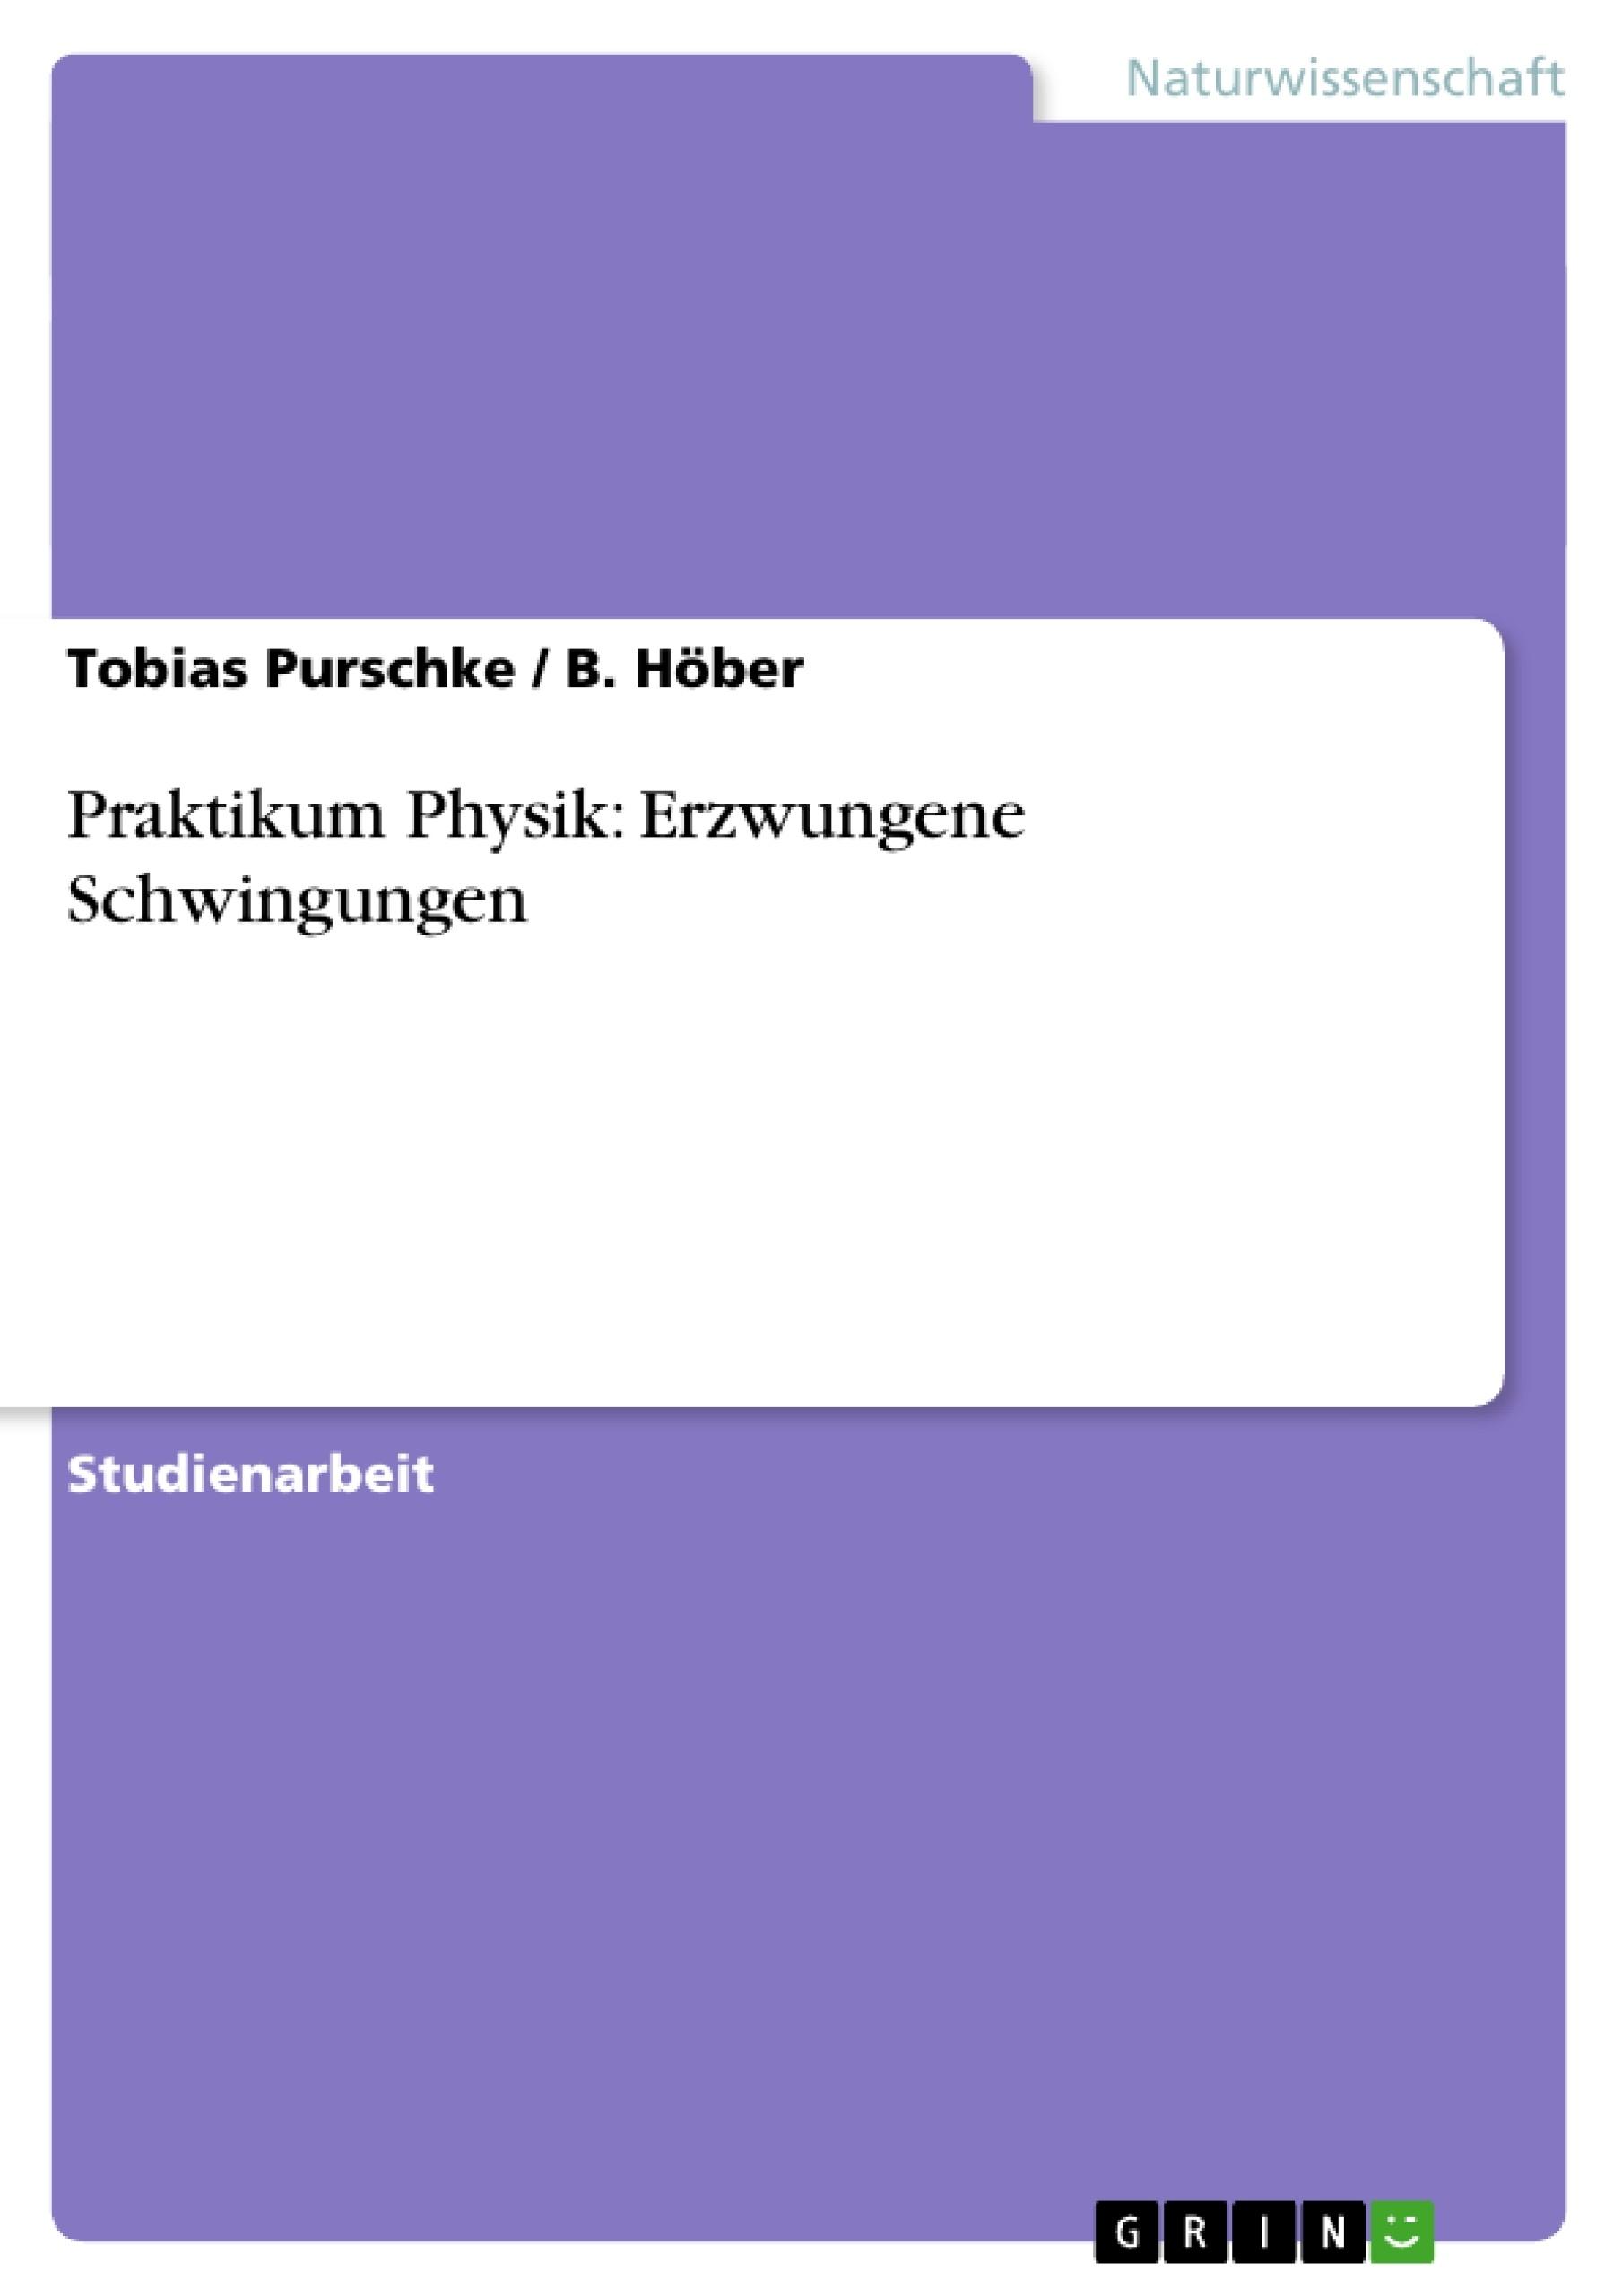 Titel: Praktikum Physik: Erzwungene Schwingungen